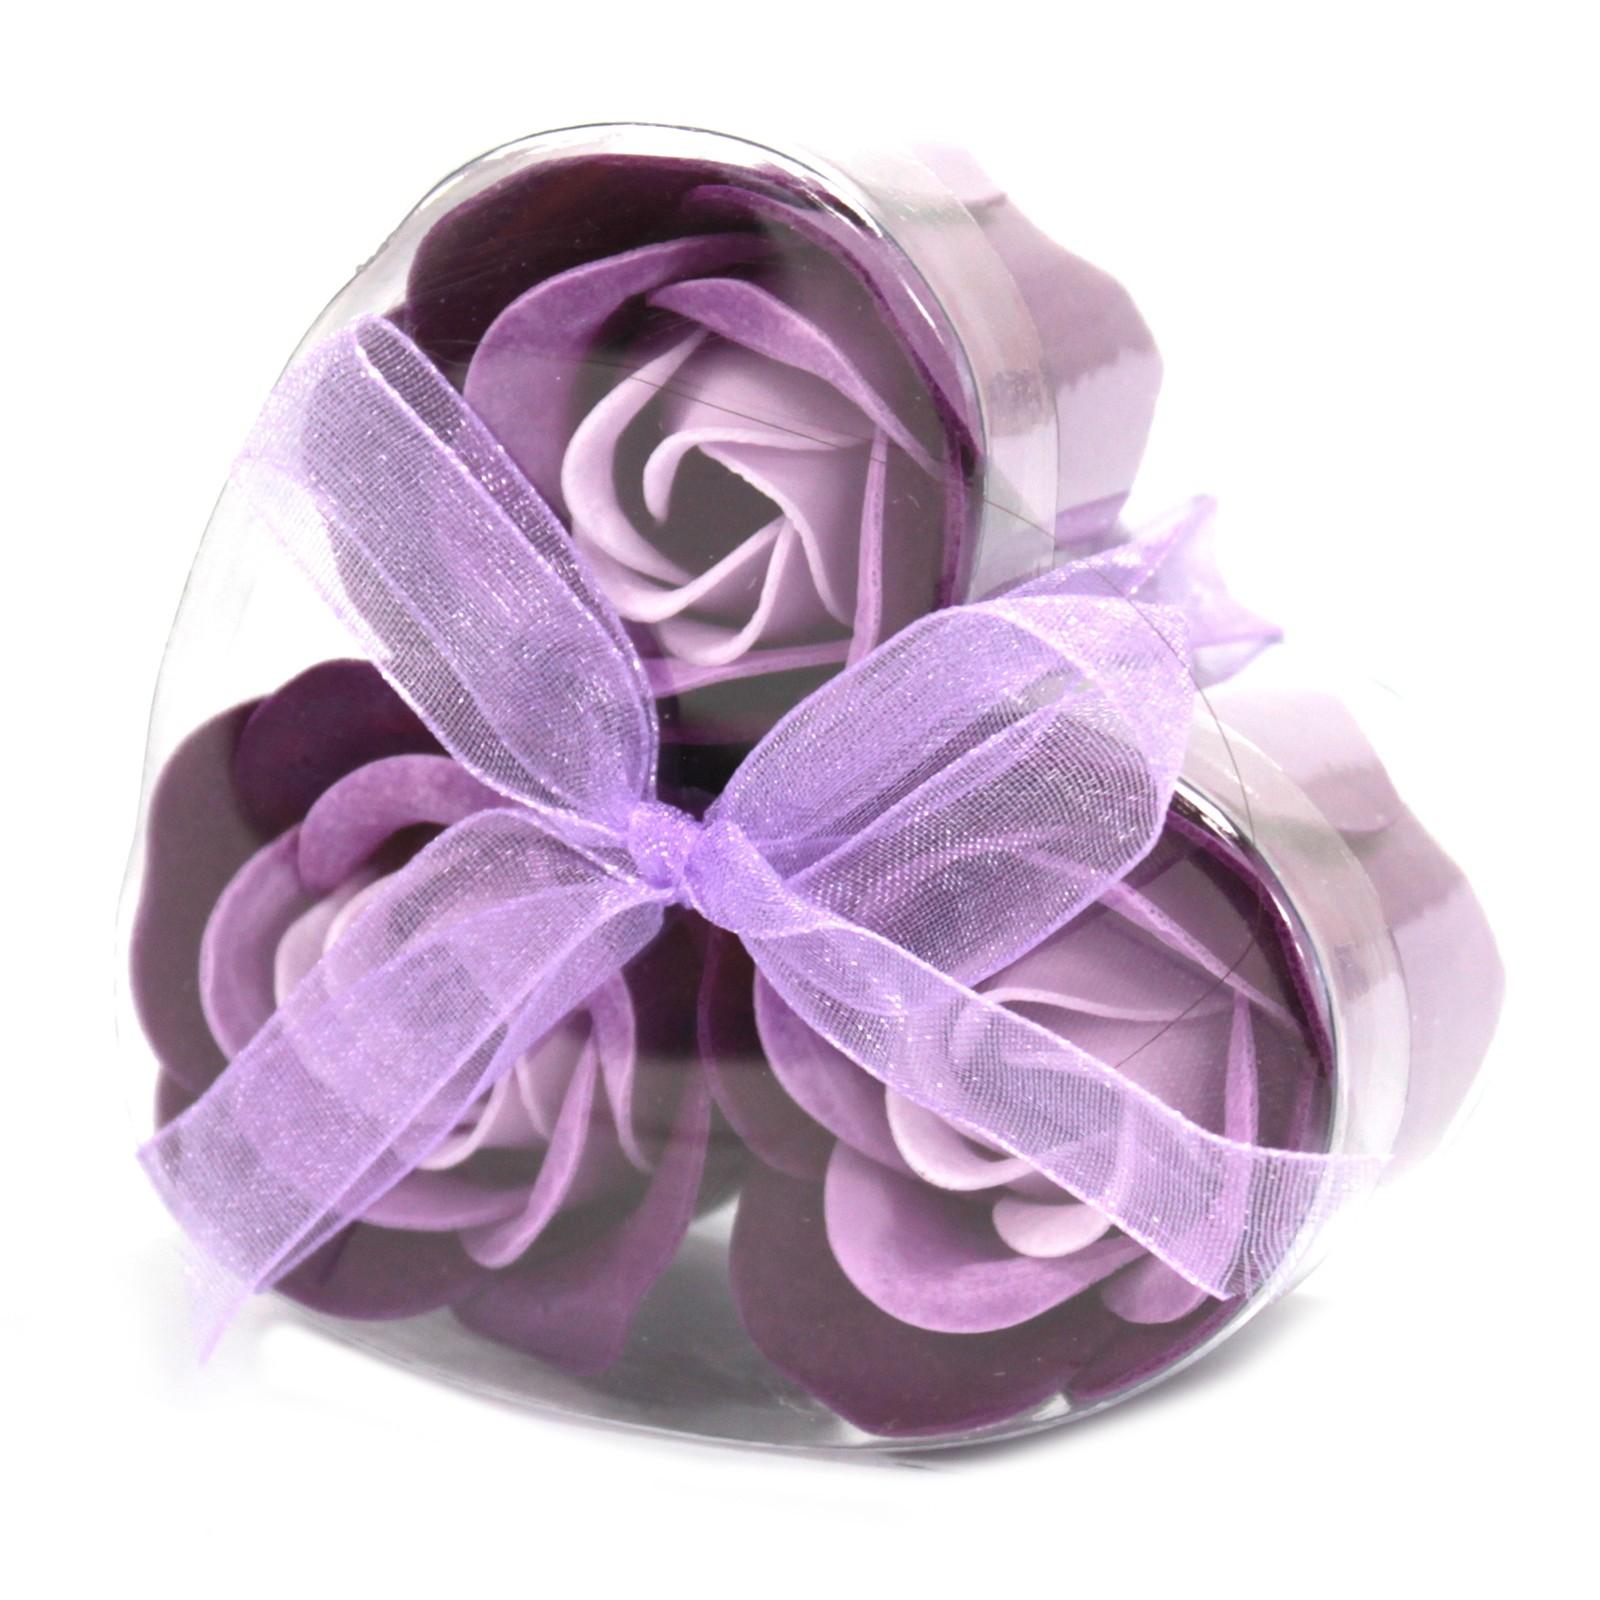 Set of 3 Soap Flower Heart Box Lavender Roses